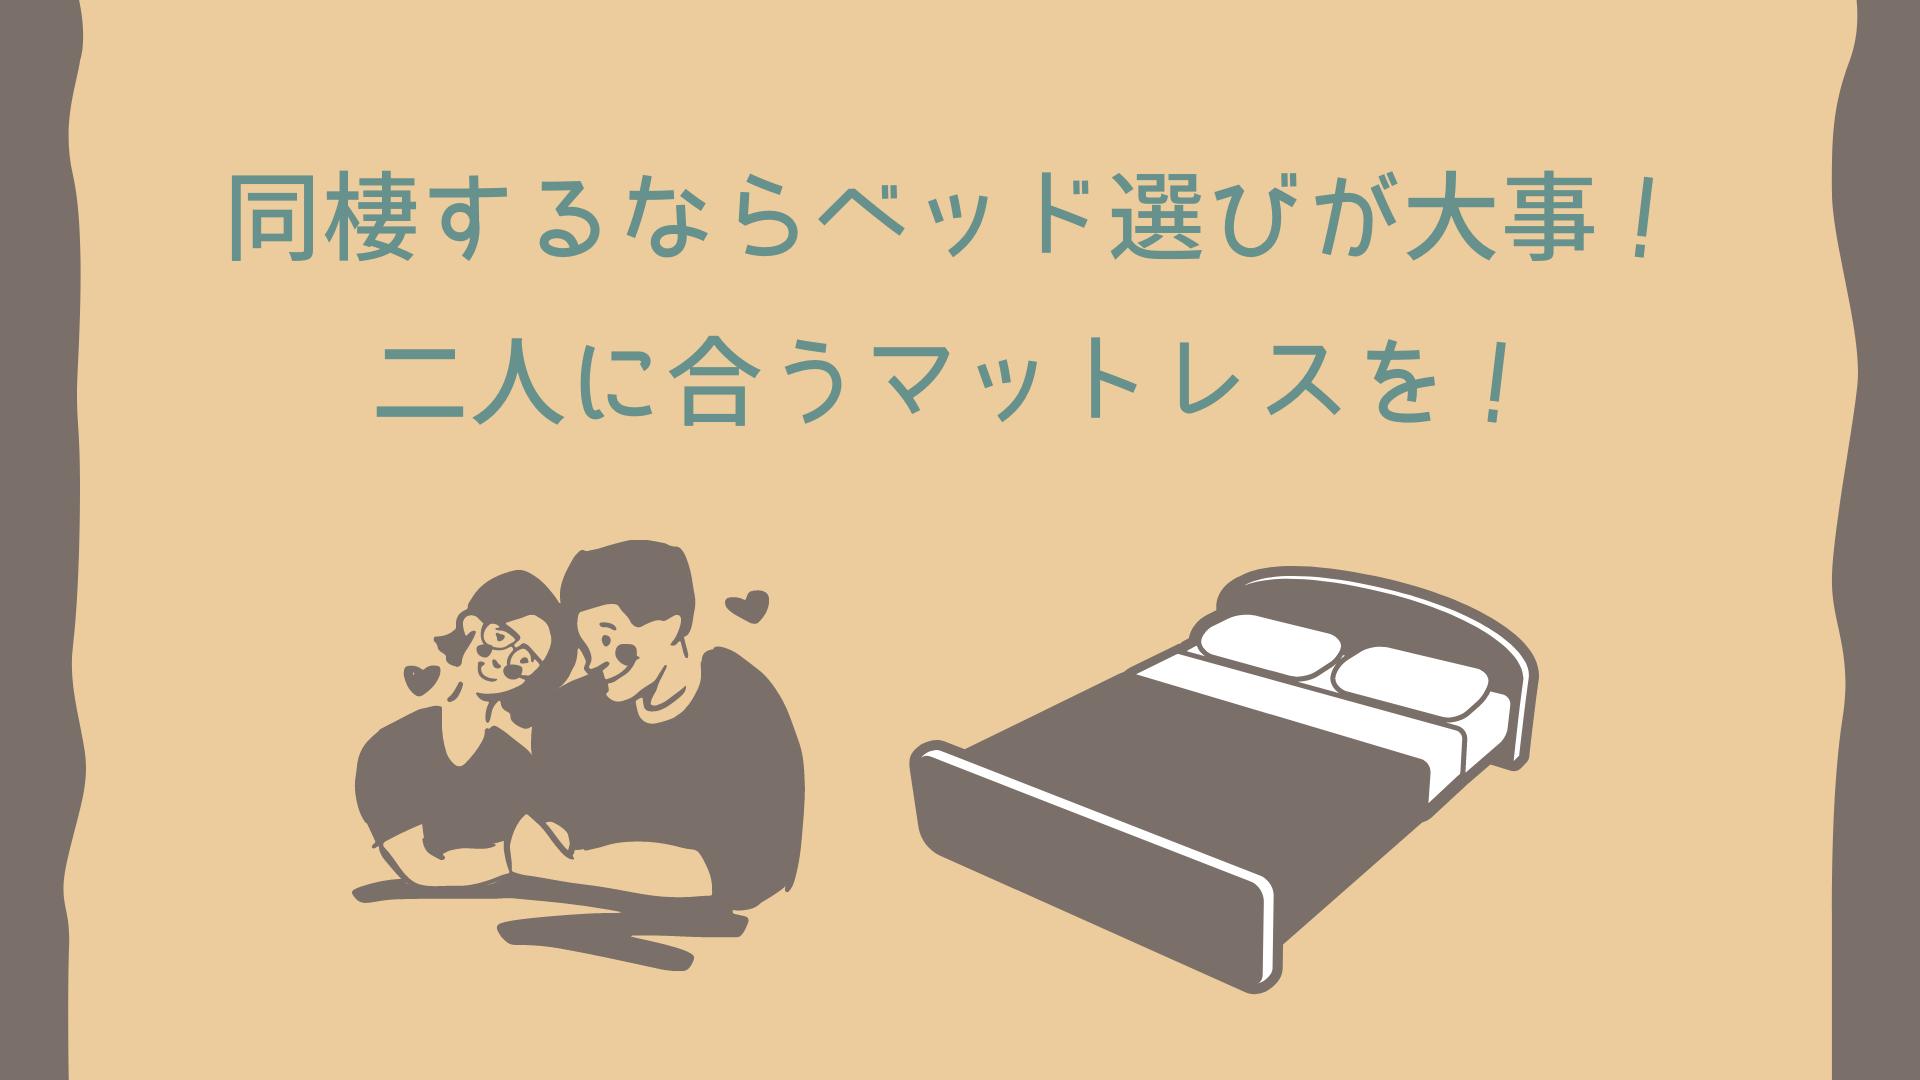 同棲するならベッド選びが大事!二人に合うマットレスを!